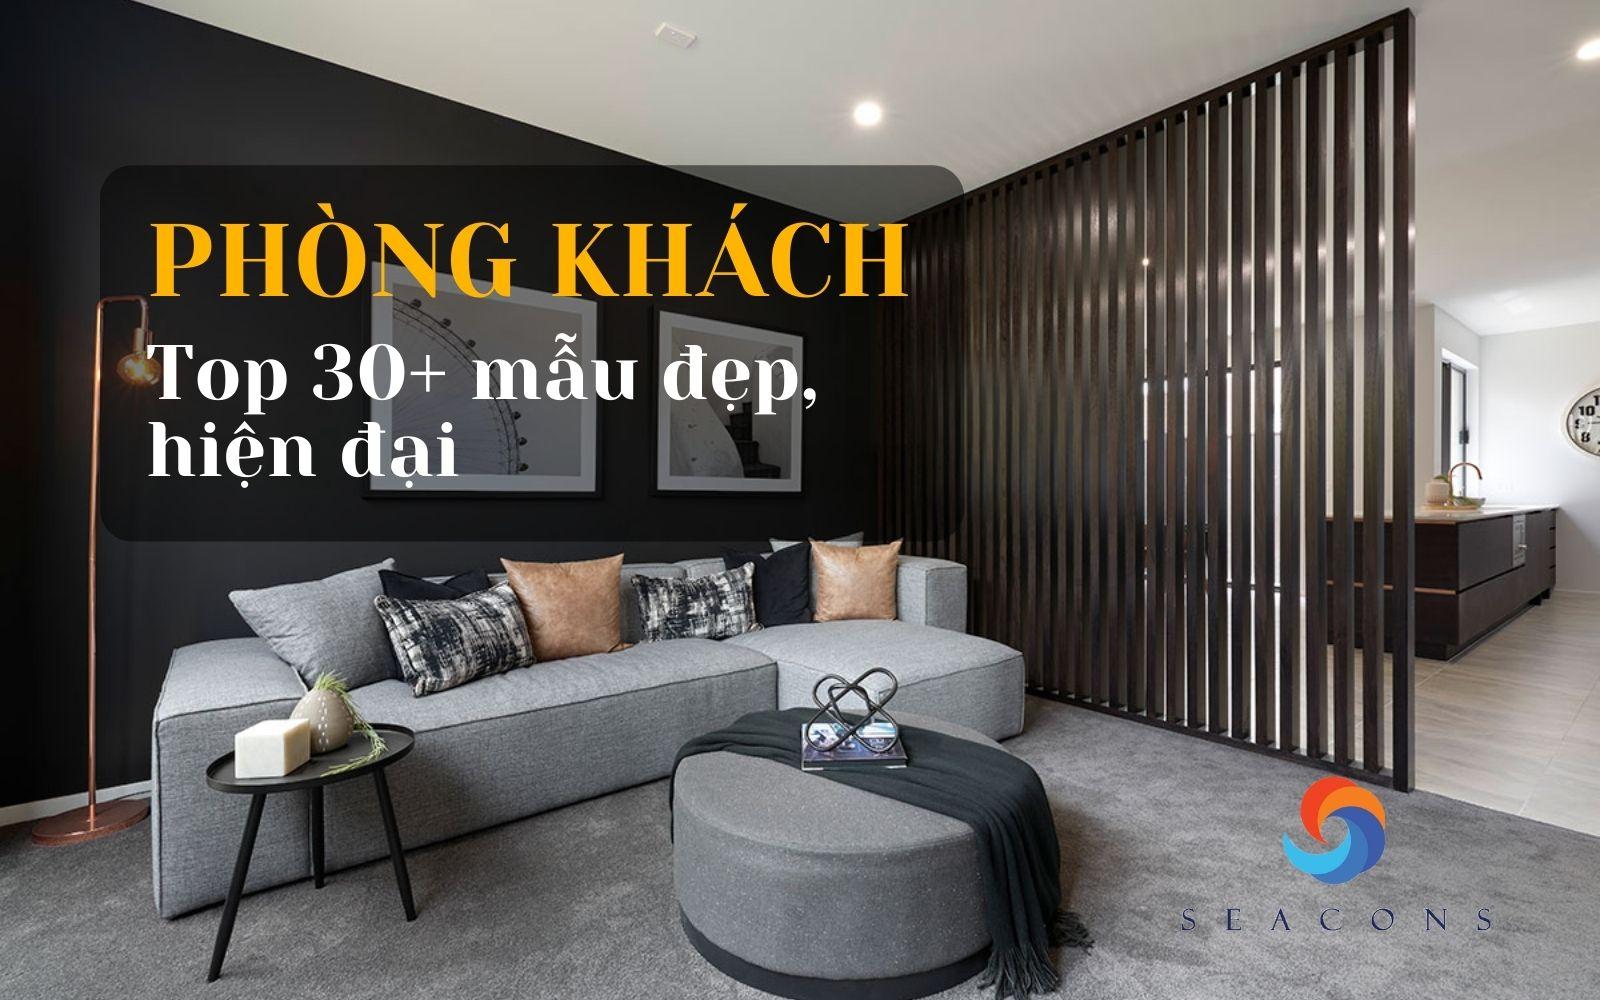 Top 30+ Mẫu phòng khách đẹp hiện đại nhất năm 2021